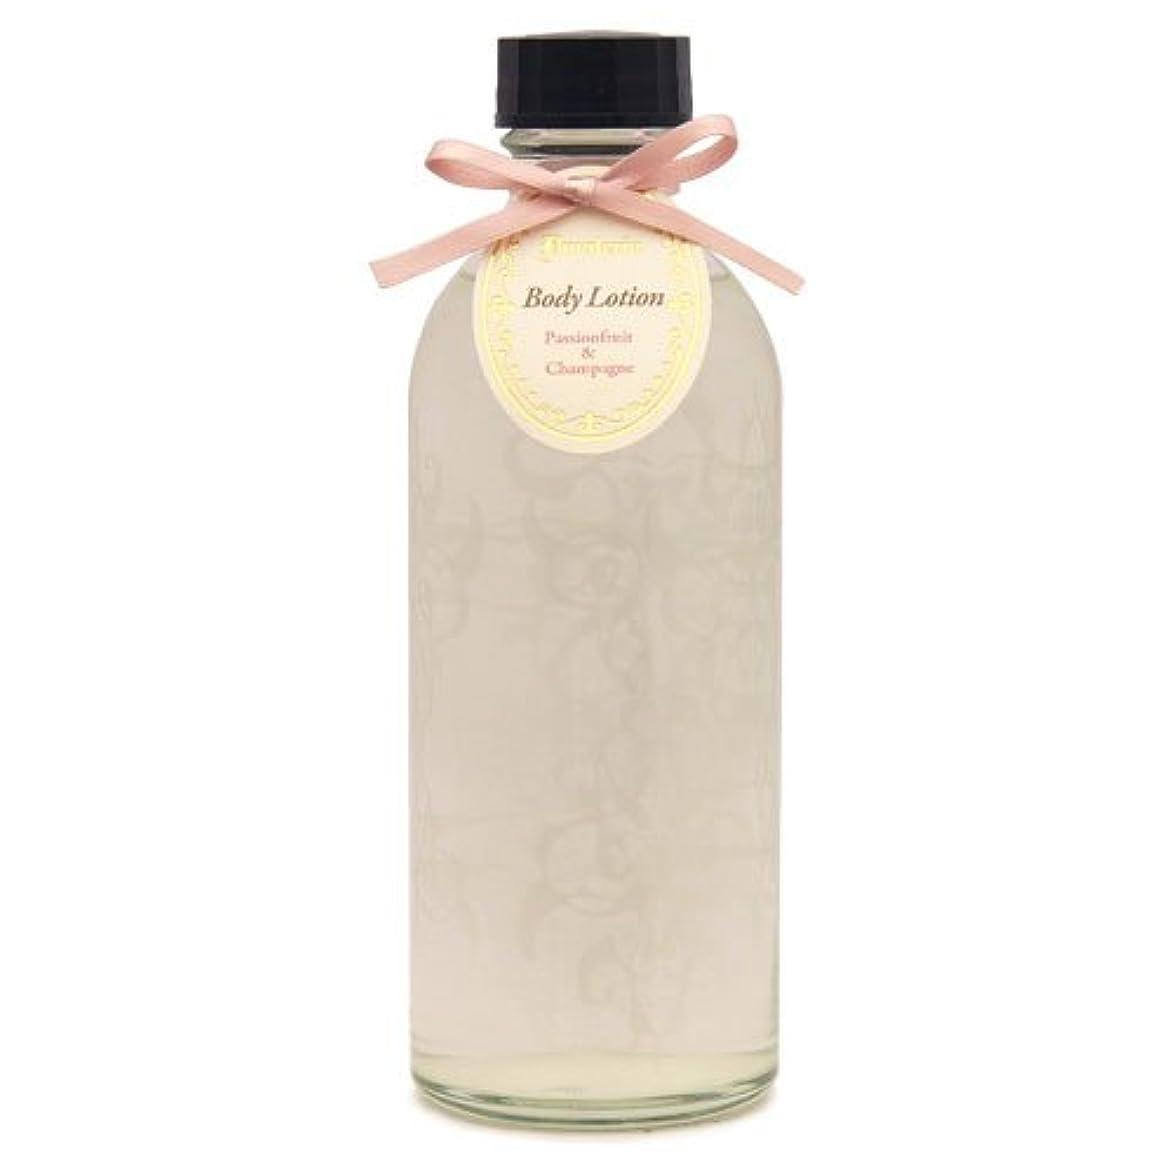 高揚したルー前述のD materia ボディローション パッションフルーツ&シャンパン Passionfruit&Champagne Body Lotion ディーマテリア